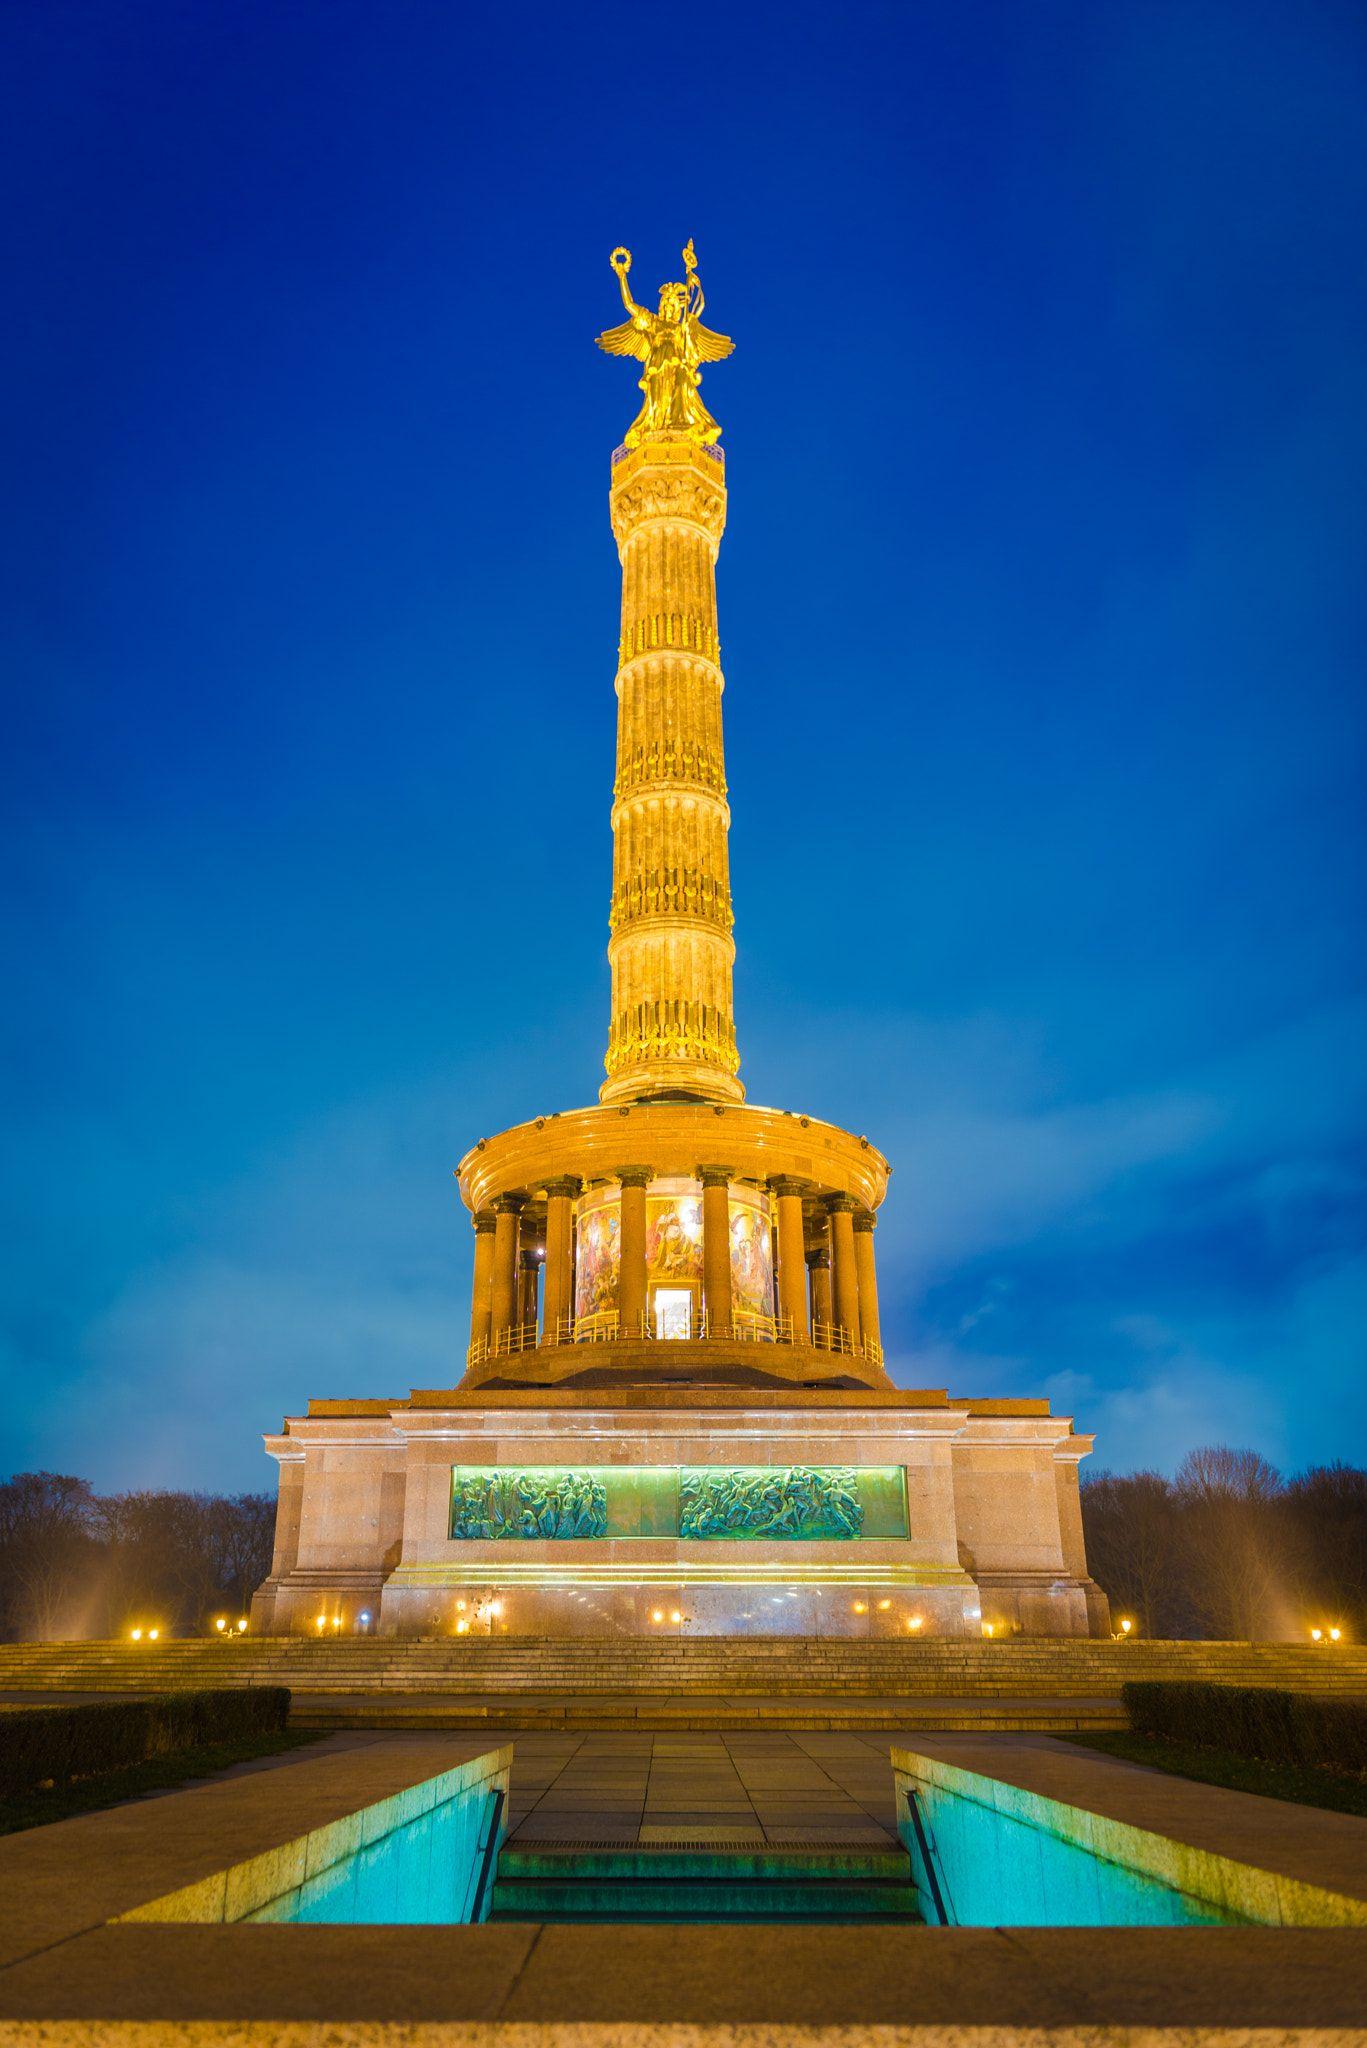 Siegessaule Berlin